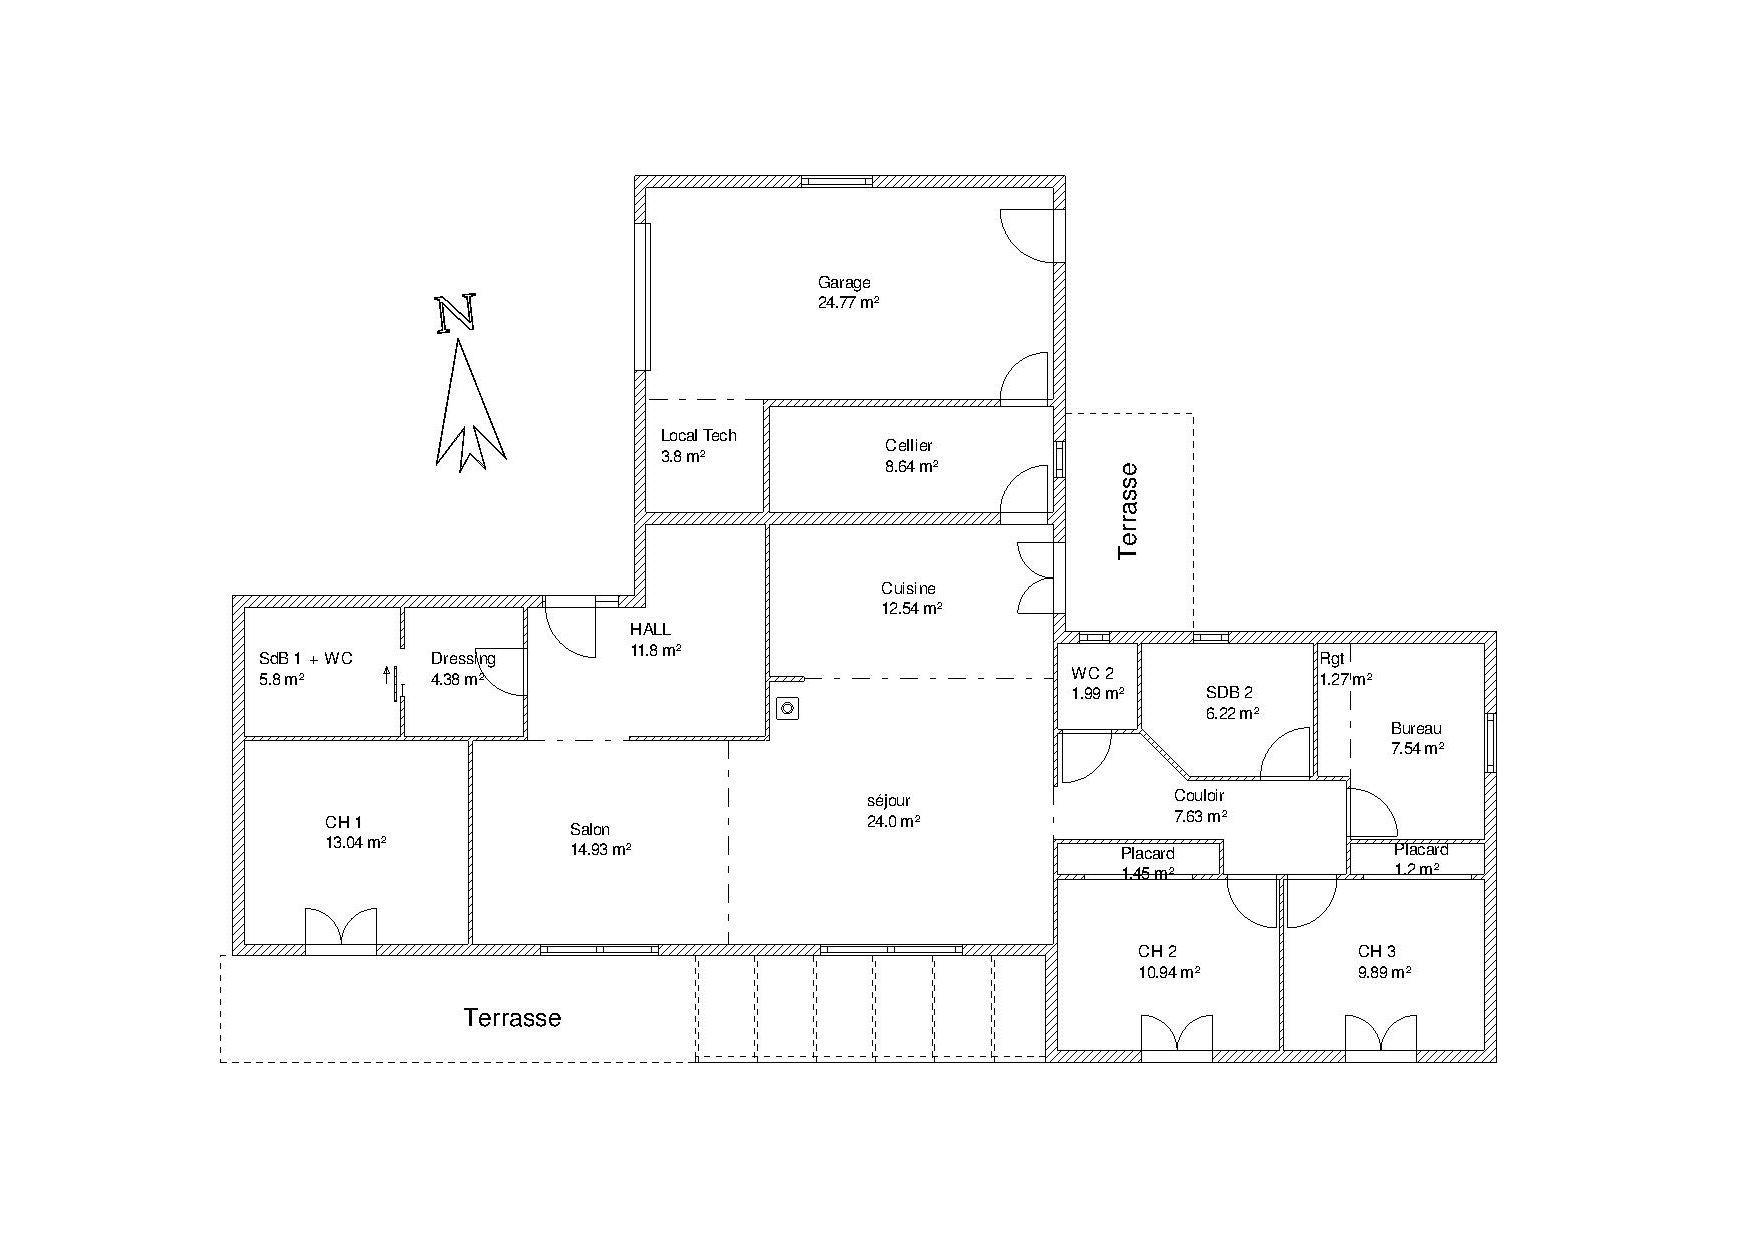 Besoin D Avis Pour Plan De Maison Environ 140 M2 Nouveau Plan En T 73 Messages Page 4 Plan De Maison Maison Plan Maison